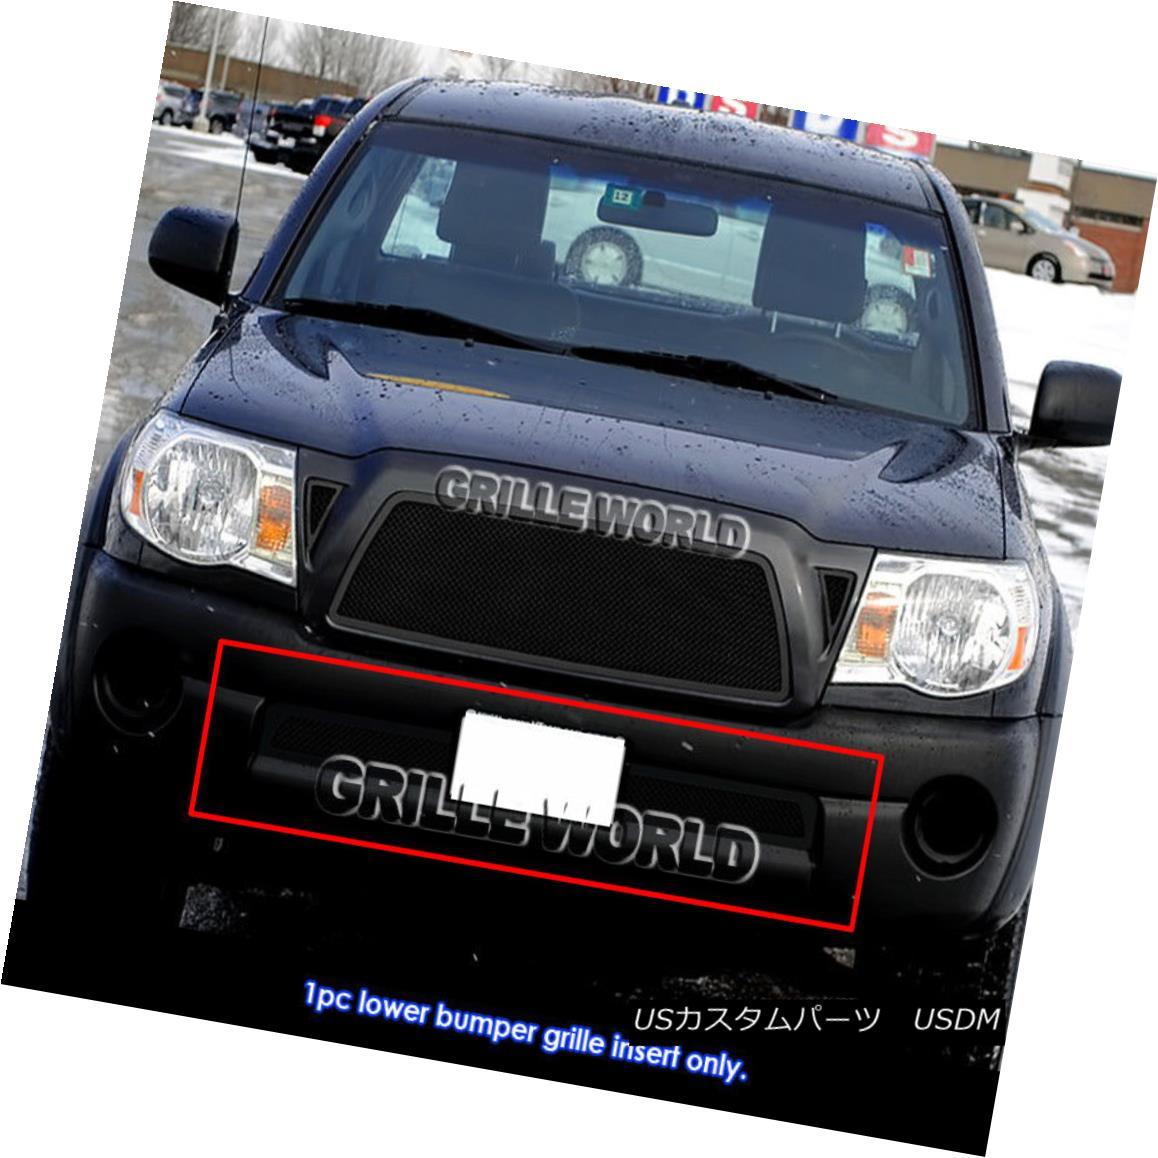 グリル 2005-2011 Toyota Tacoma Bumper Black Stainless Steel Mesh Grille Grill Insert 2005-2011トヨタタコマバンパーブラックステンレスメッシュグリルグリルインサート